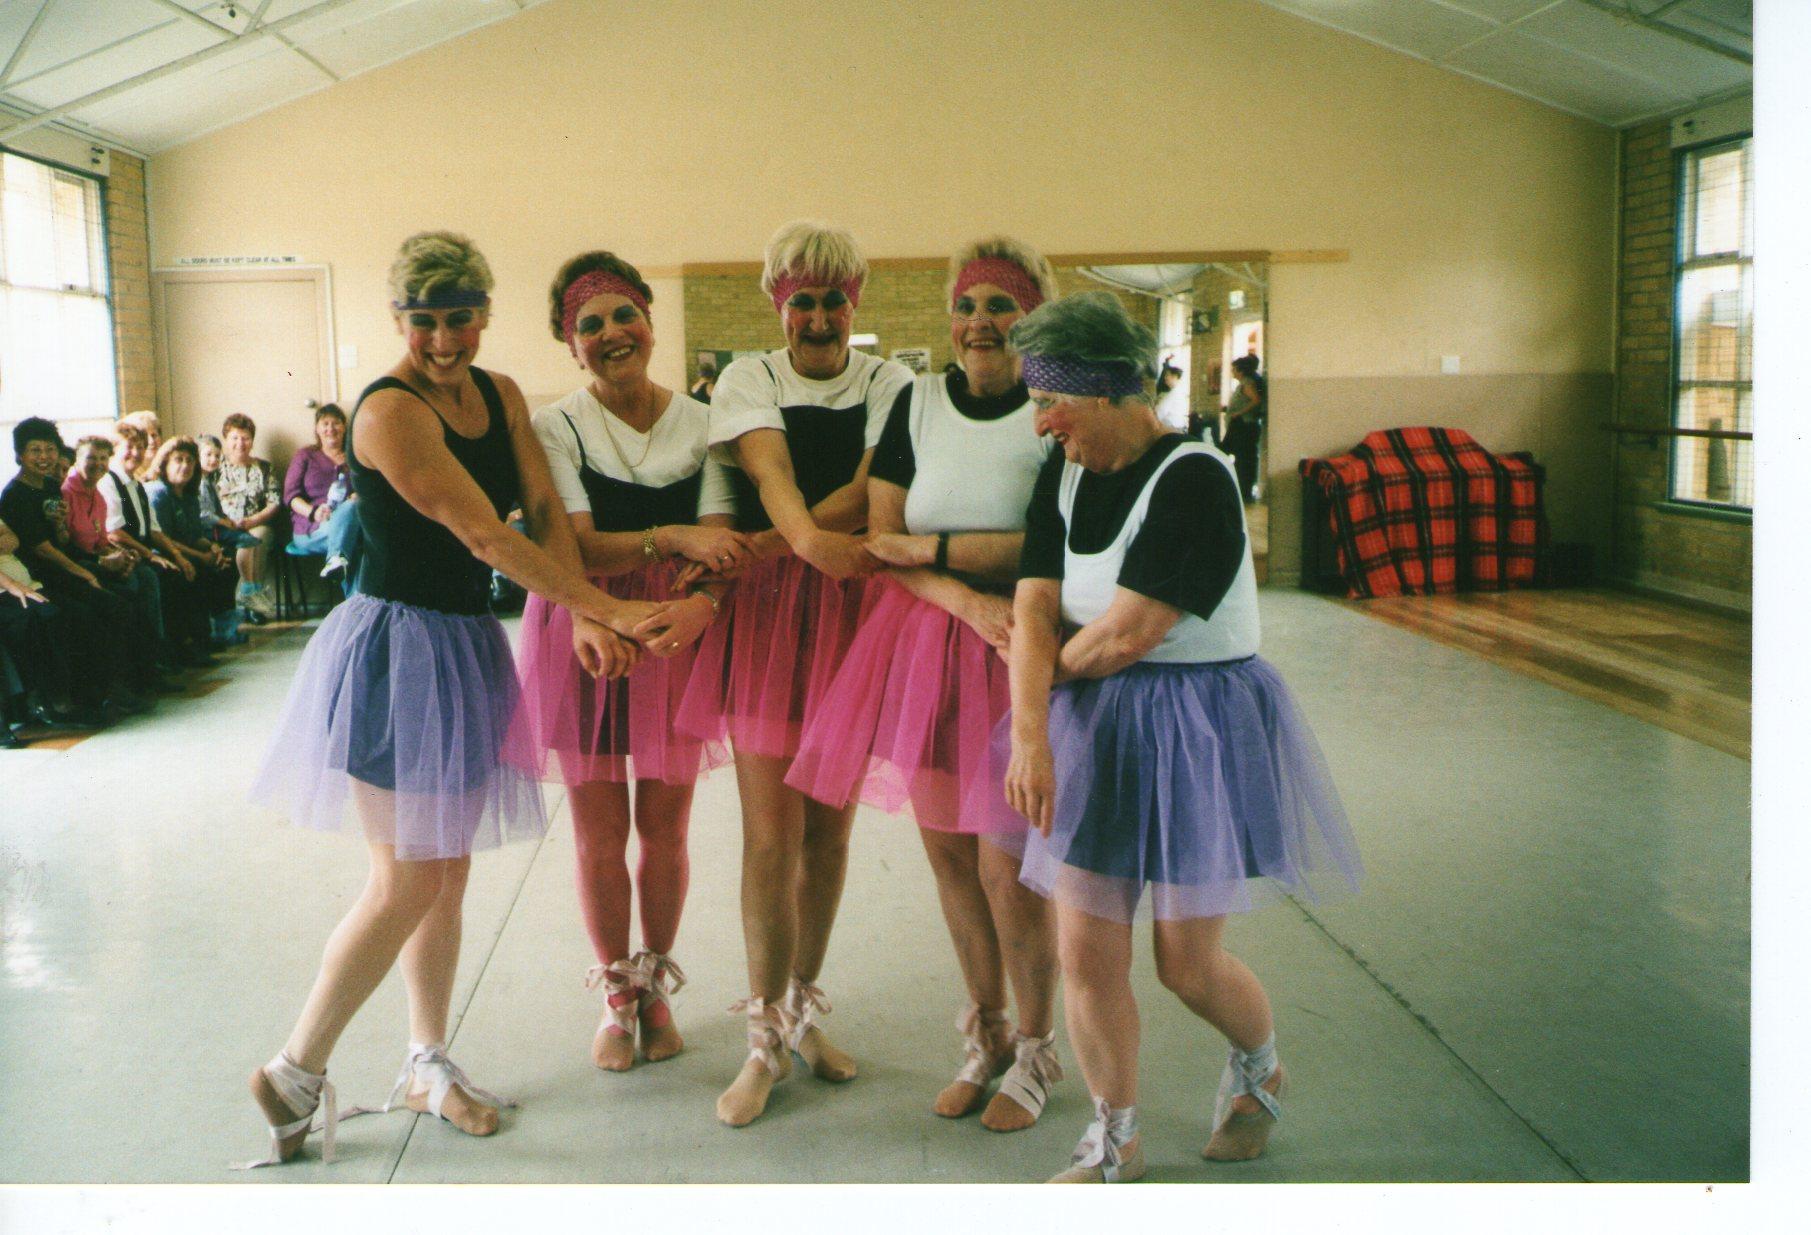 The Famous 4 tarts ballerinas